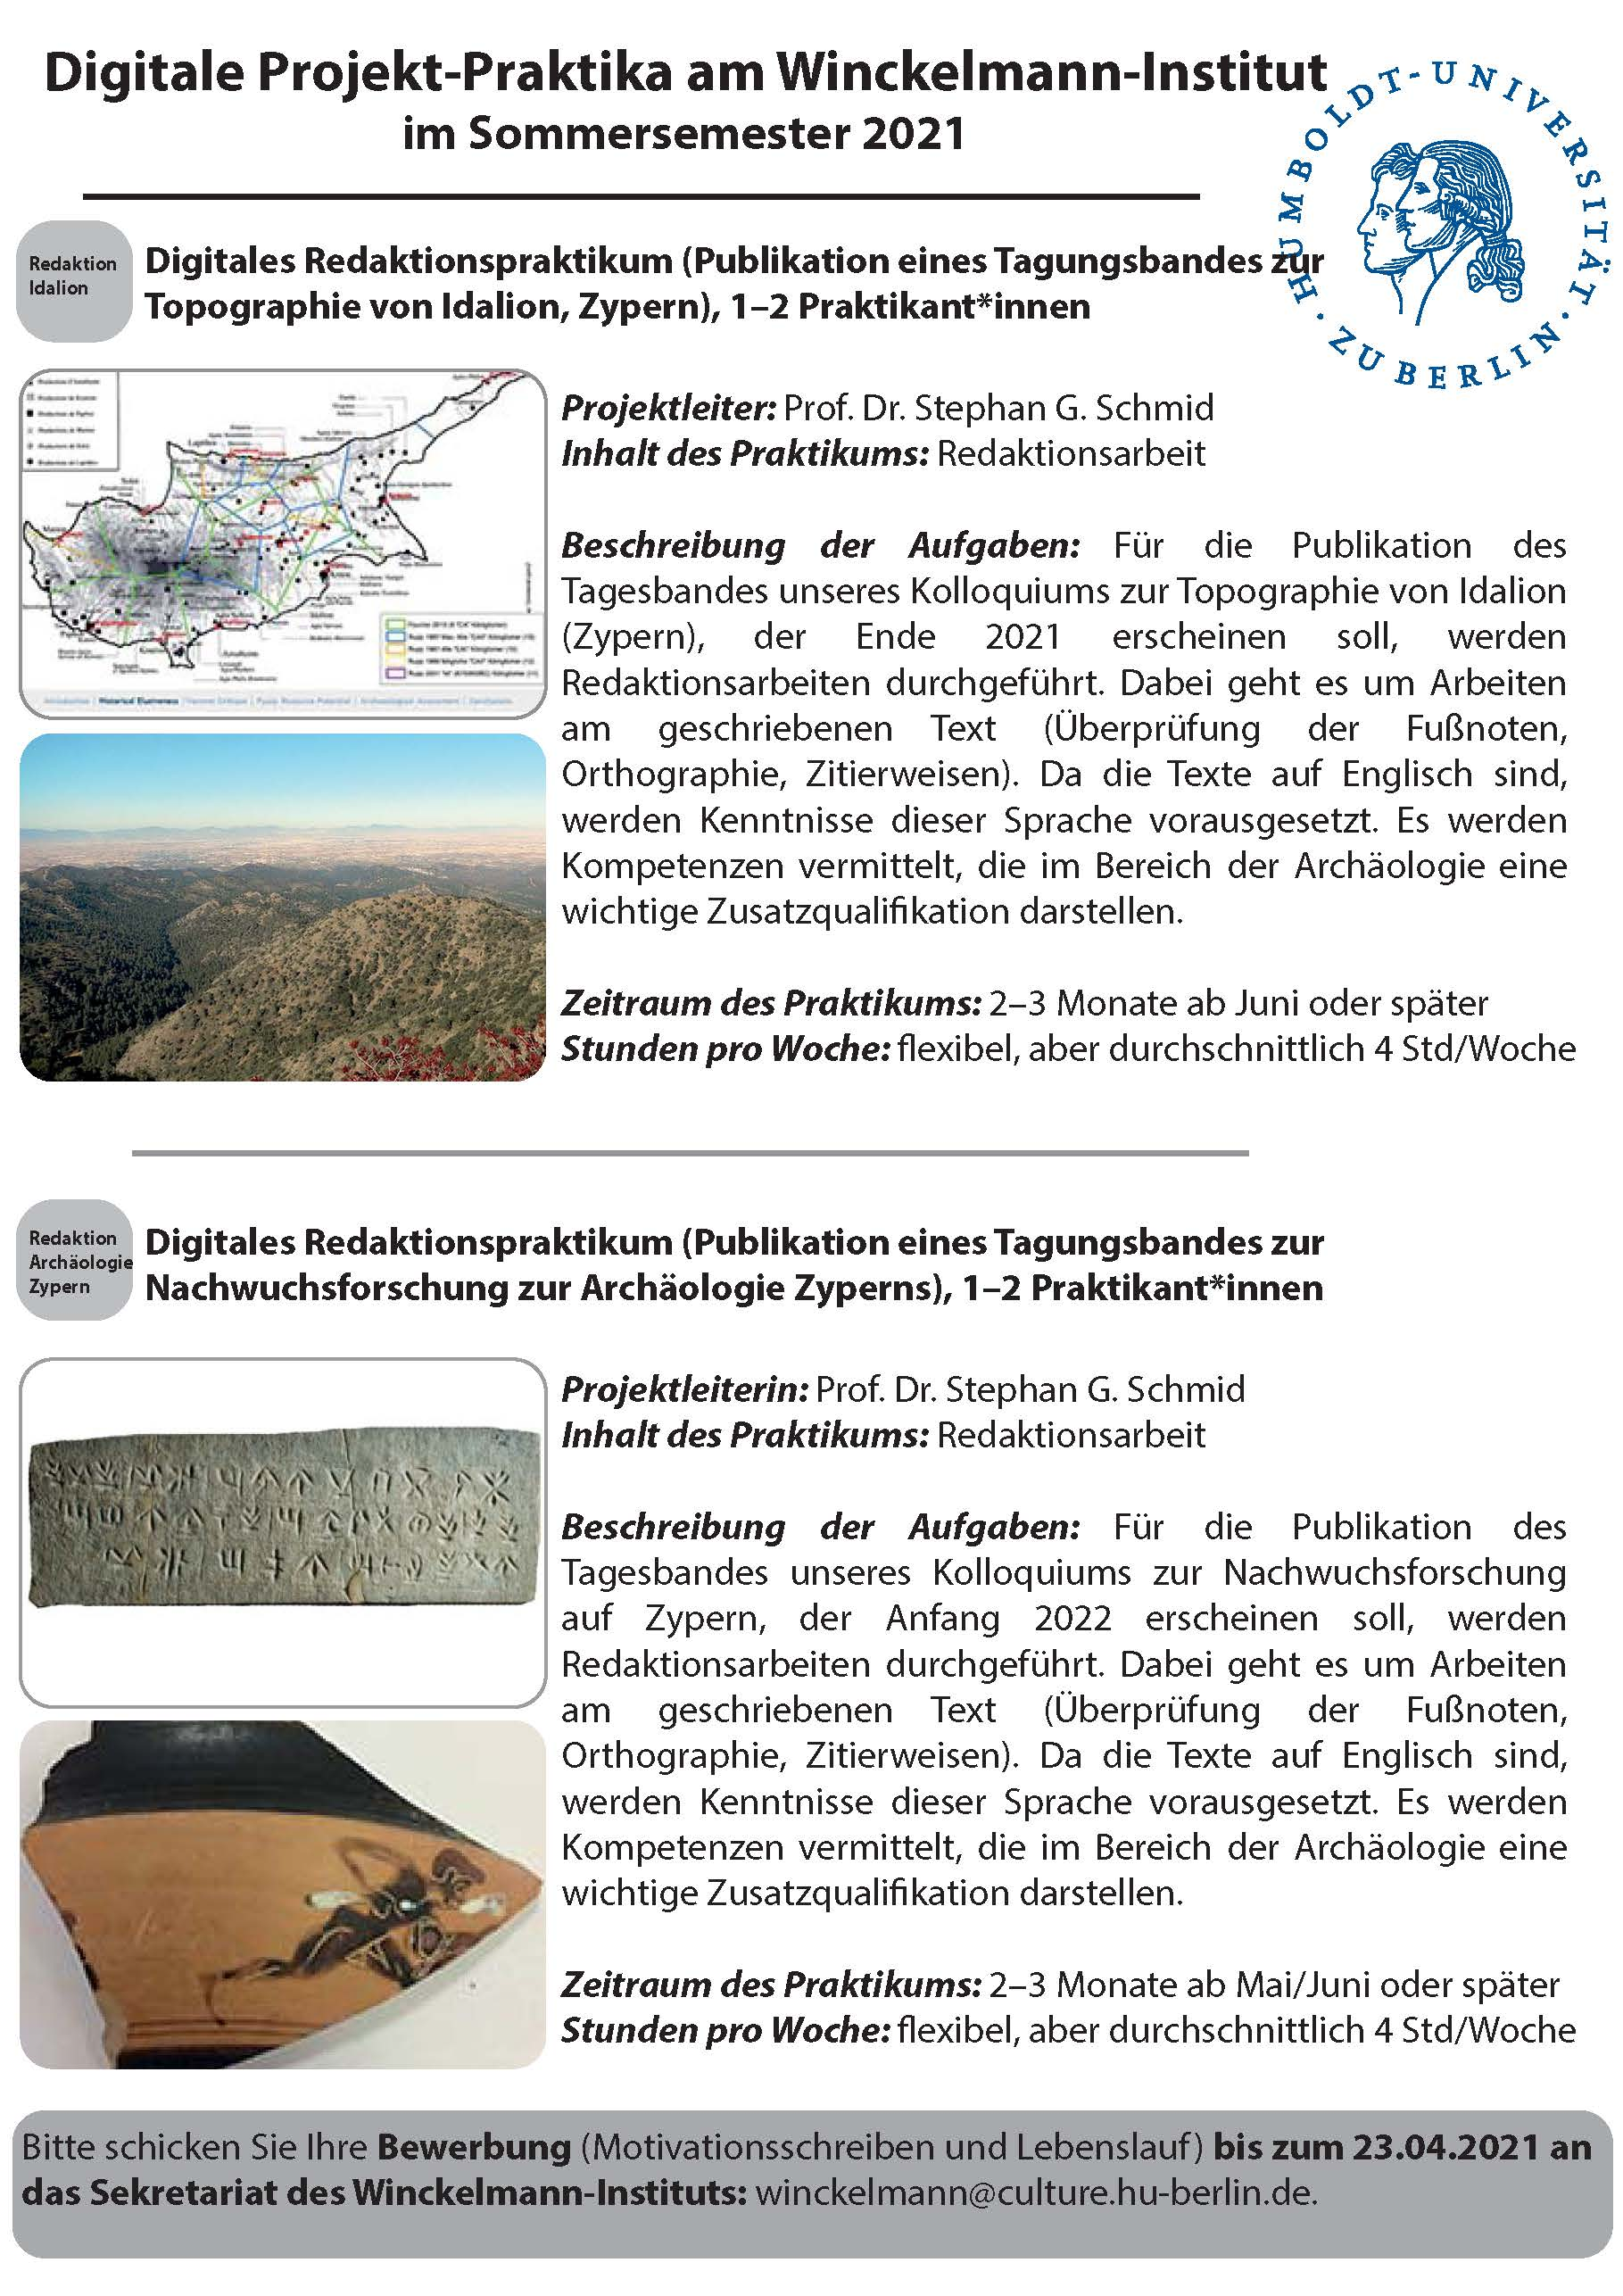 Ausschreibung_Digitale Projekt-Praktika_Winckelmann-Institut_SoSe2021_Seite_6.jpg